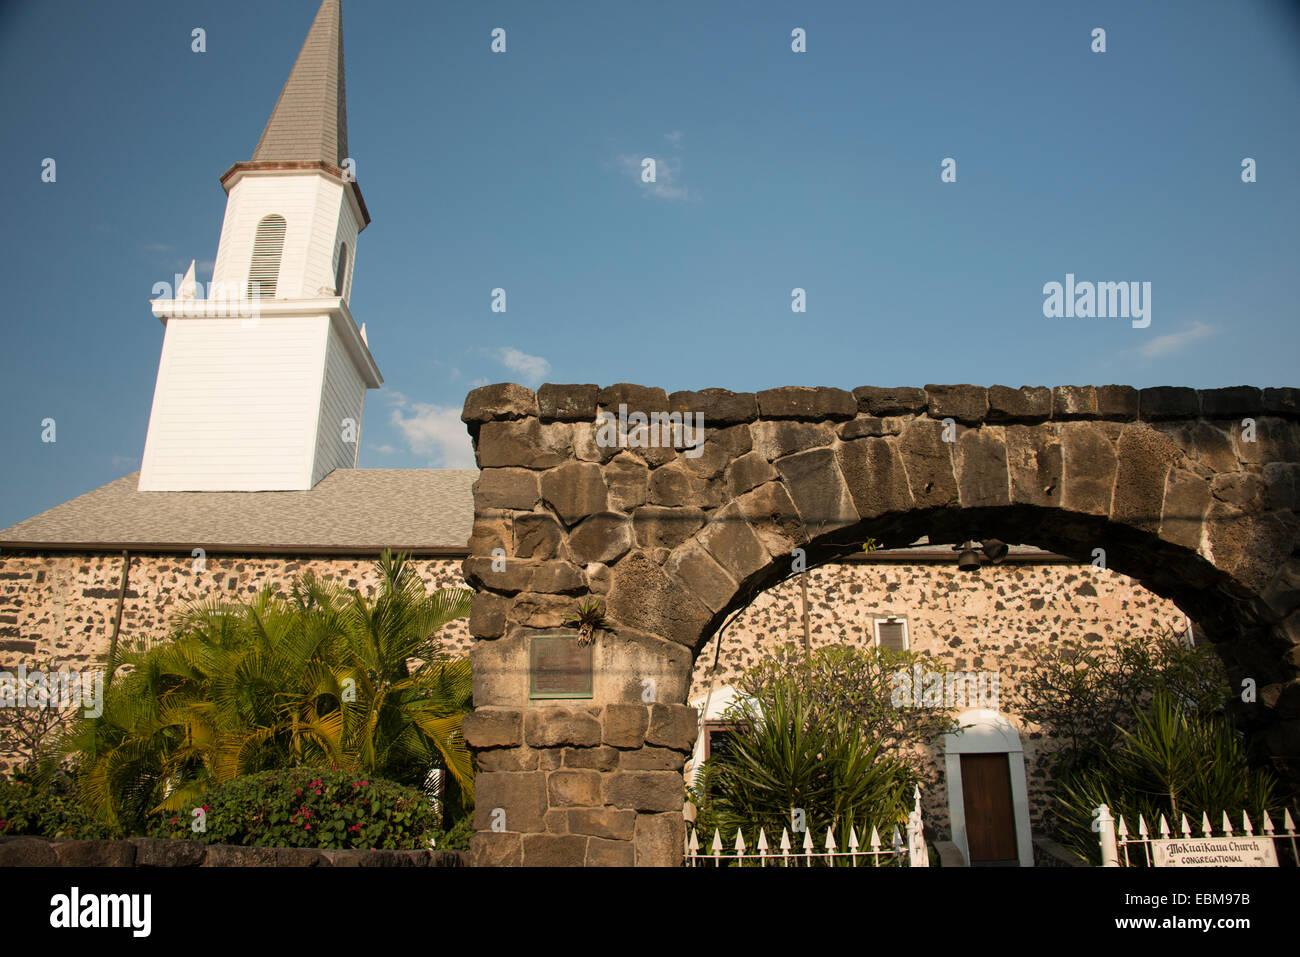 Kailua Kona Town Stock Photos & Kailua Kona Town Stock Images - Alamy